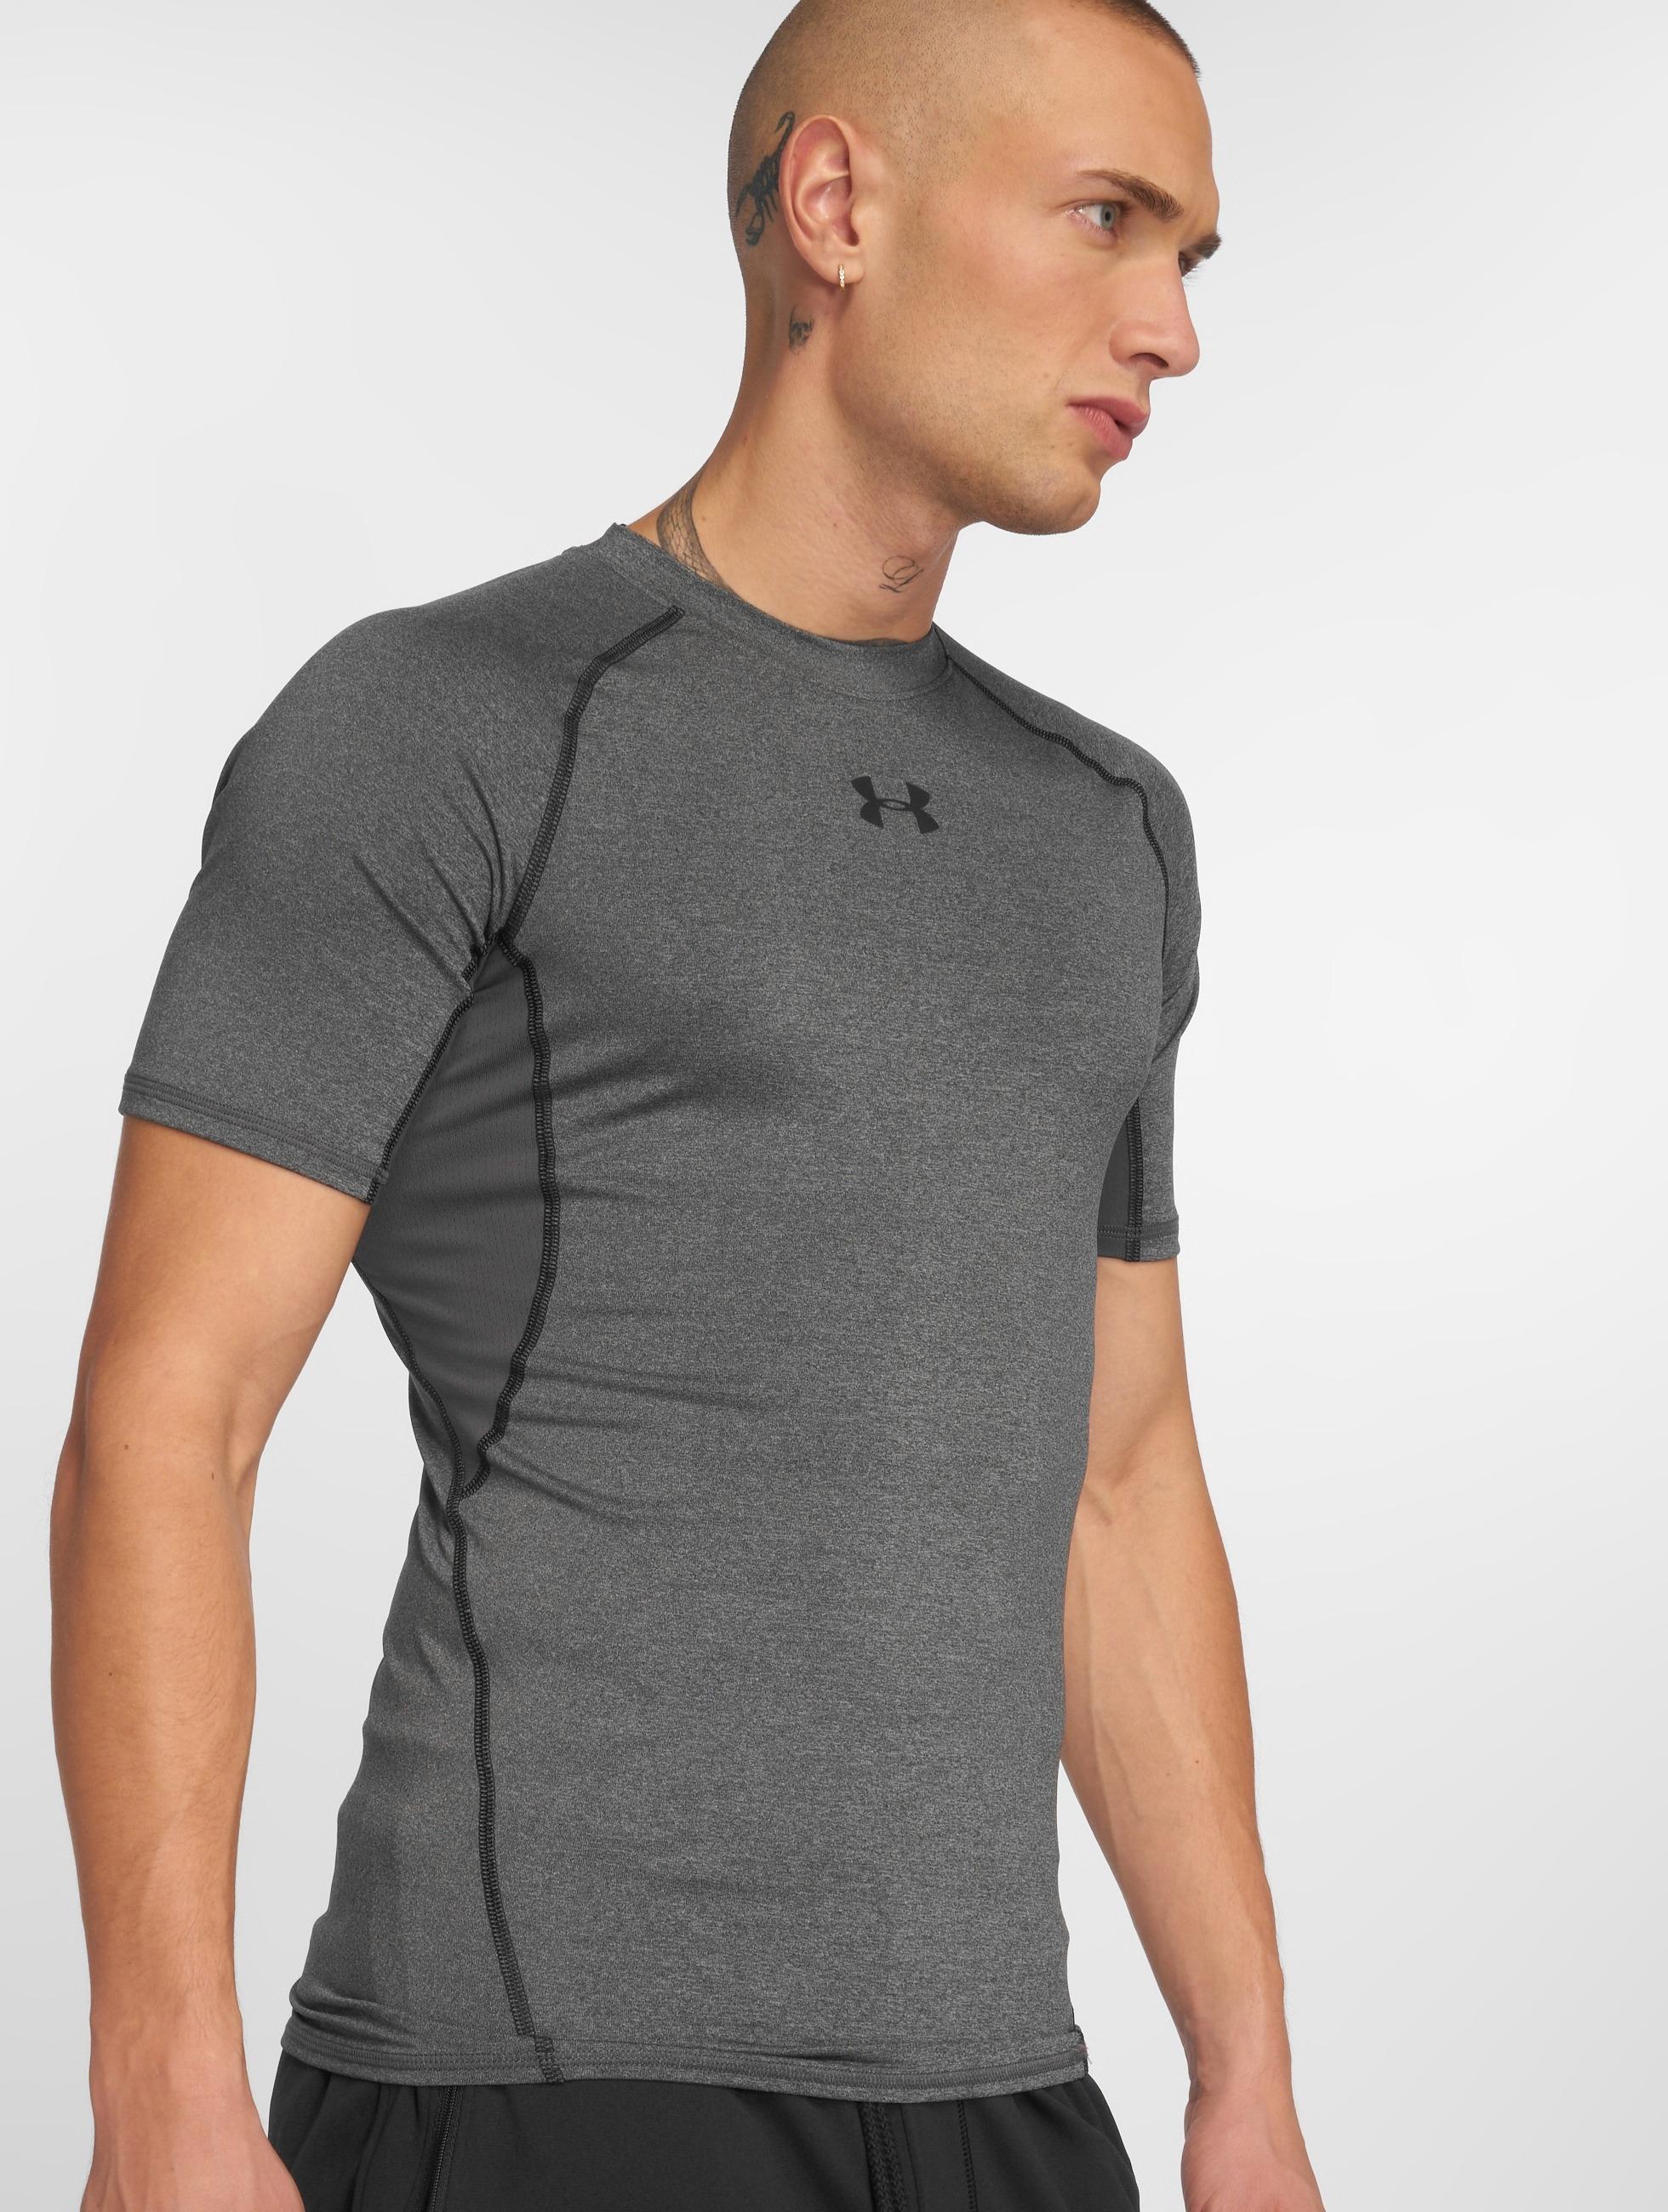 Under Armour Heatgear Compression T-Shirt Carbon Heather/Black Sale Angebote Dissen-Striesow